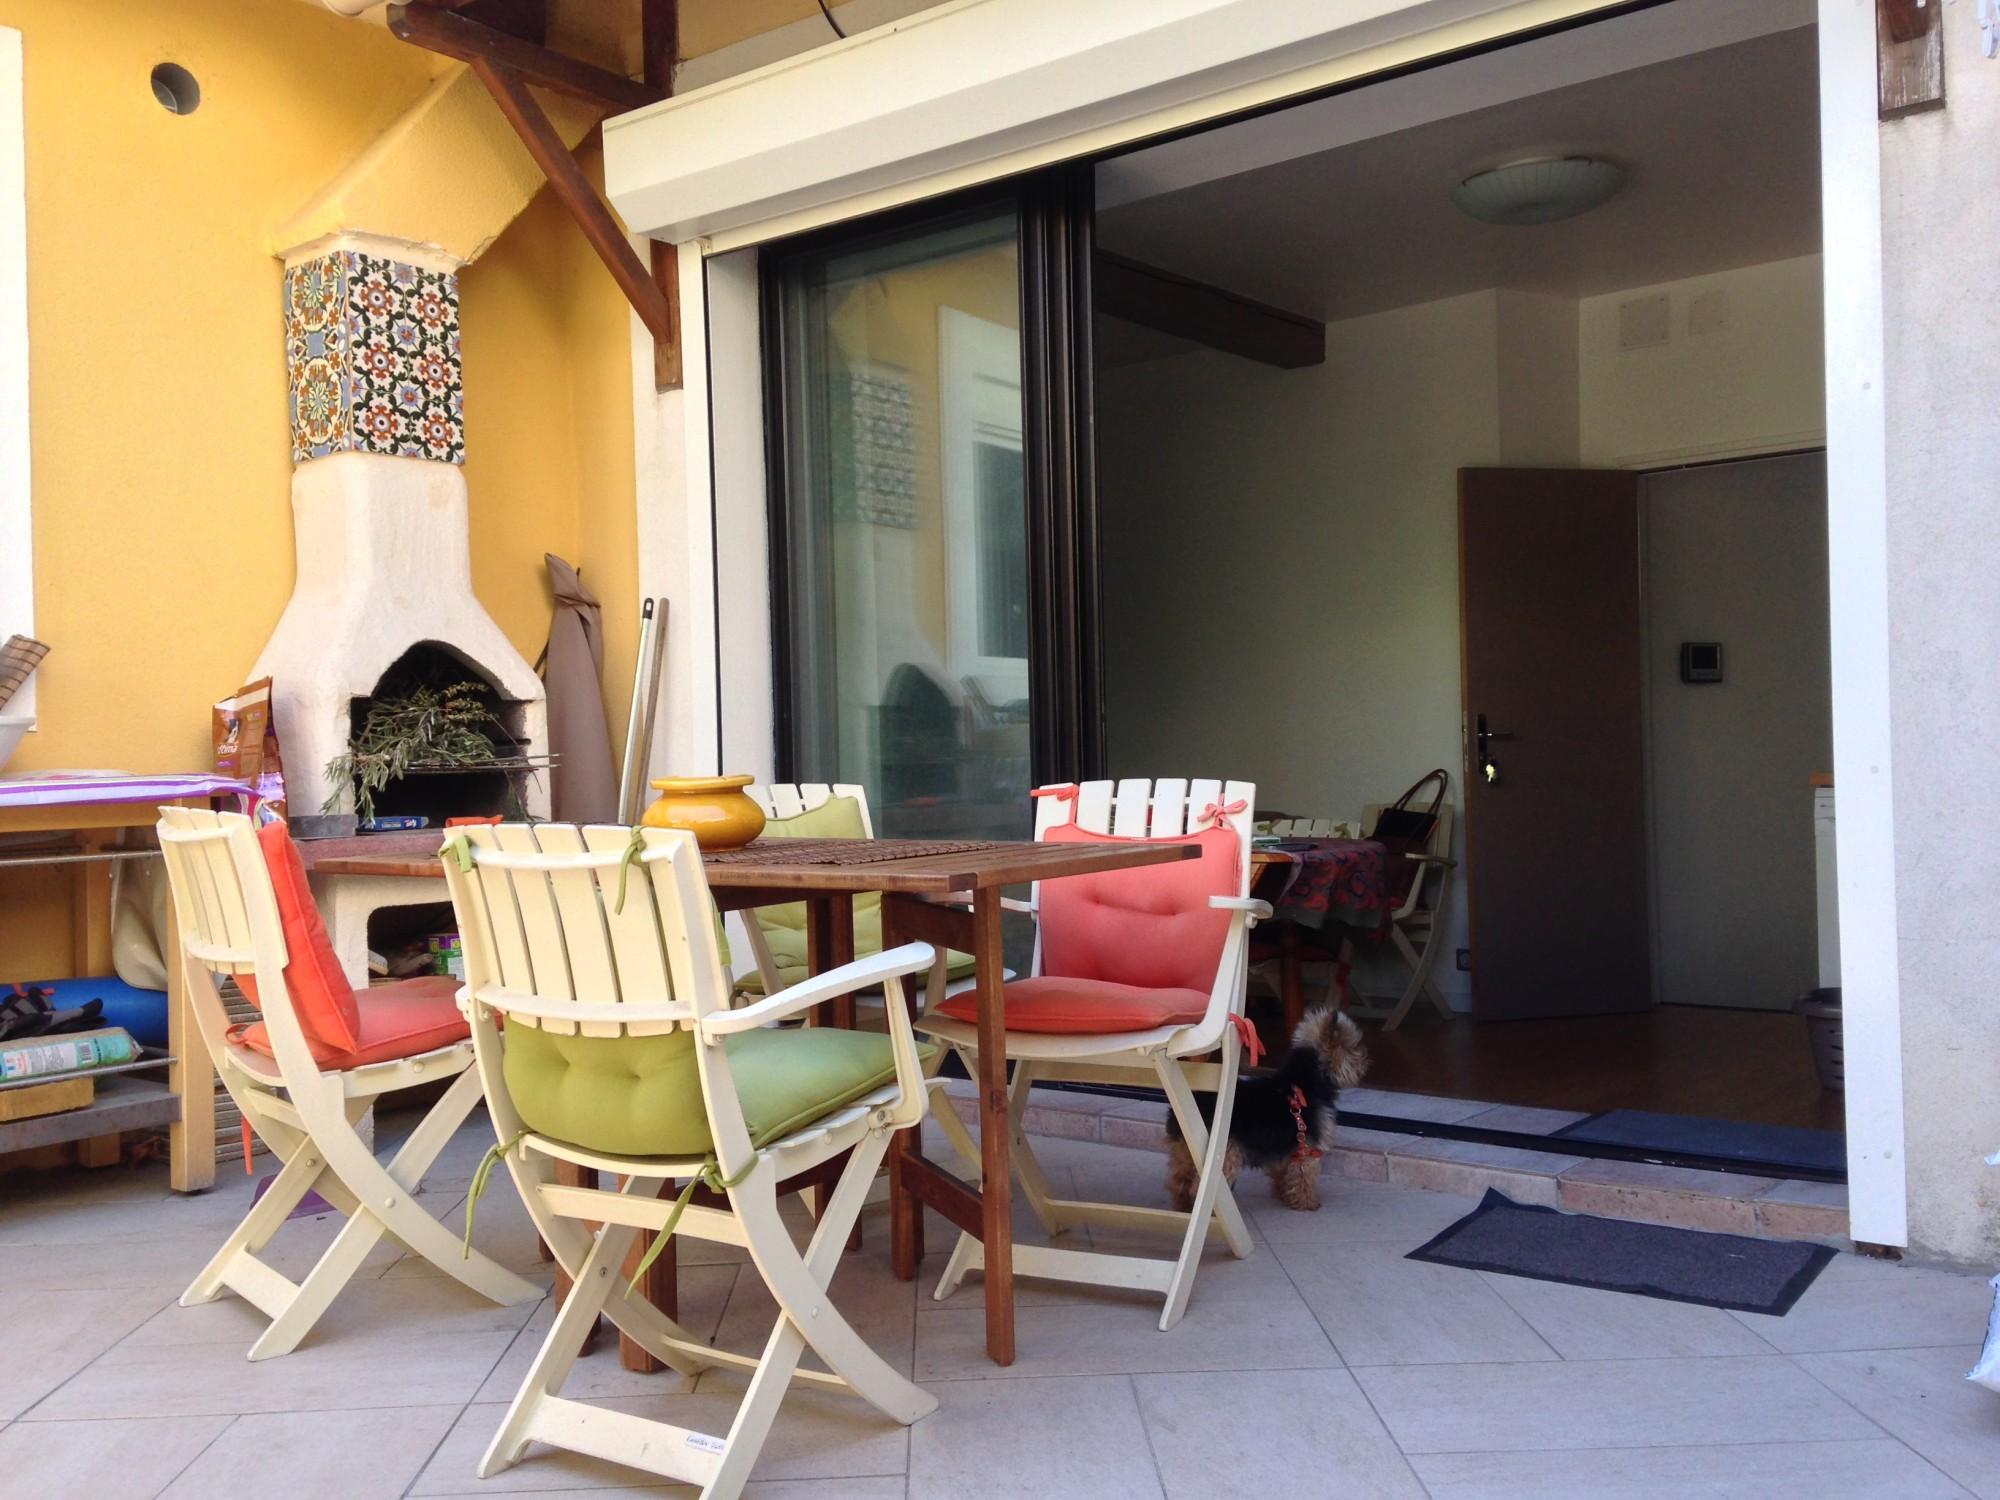 Vente MAISON T5 -13007 - Quartier Samatan - Rénovée, calme, lumineux, T2 indépendant, garage ...